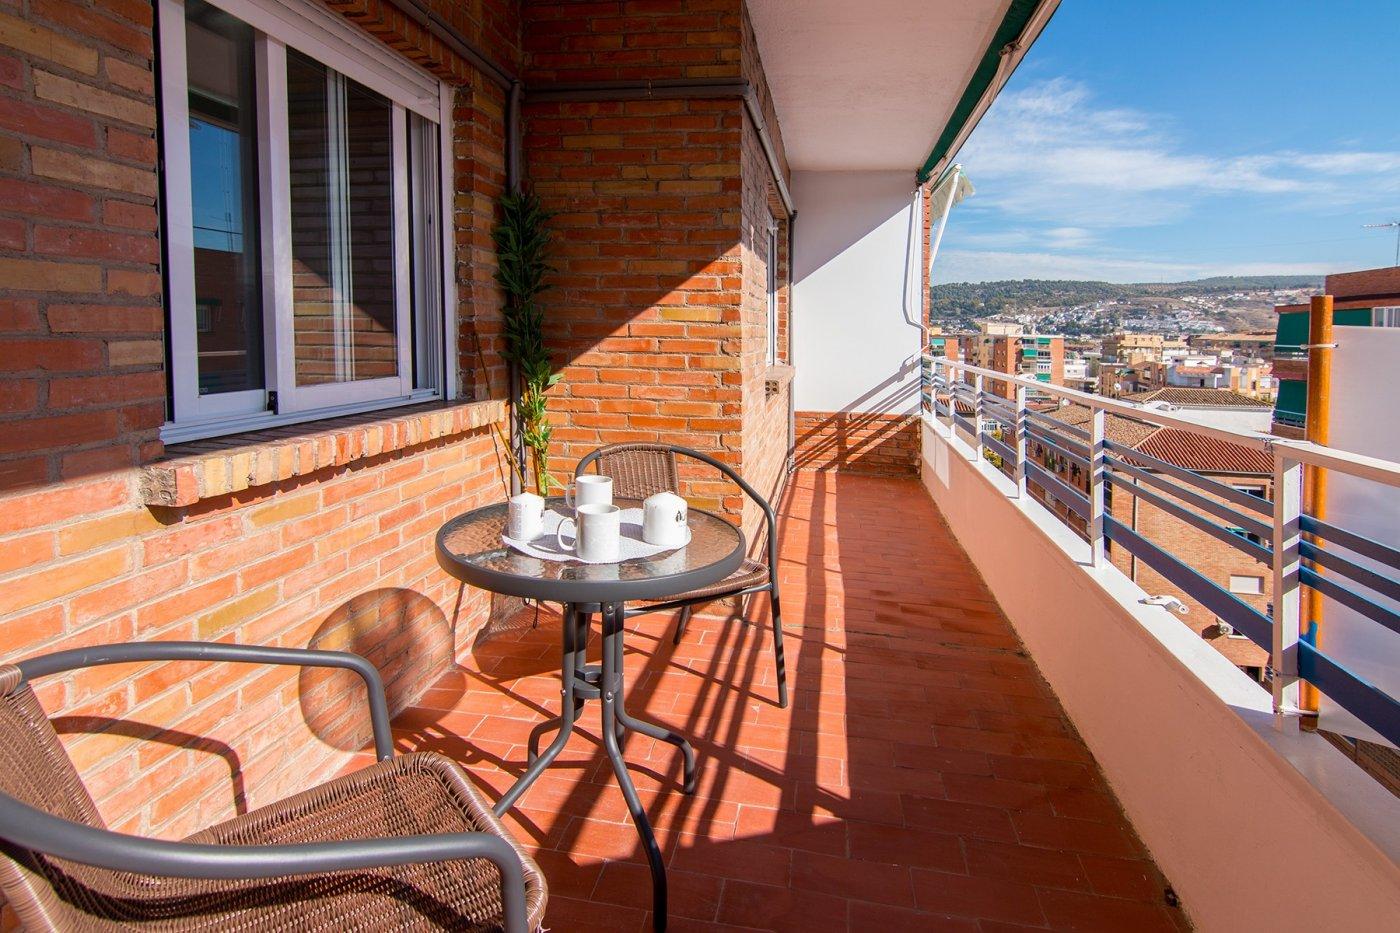 precioso piso 3 dormitorios en 10ª planta, terraza y cocina instalada, Granada